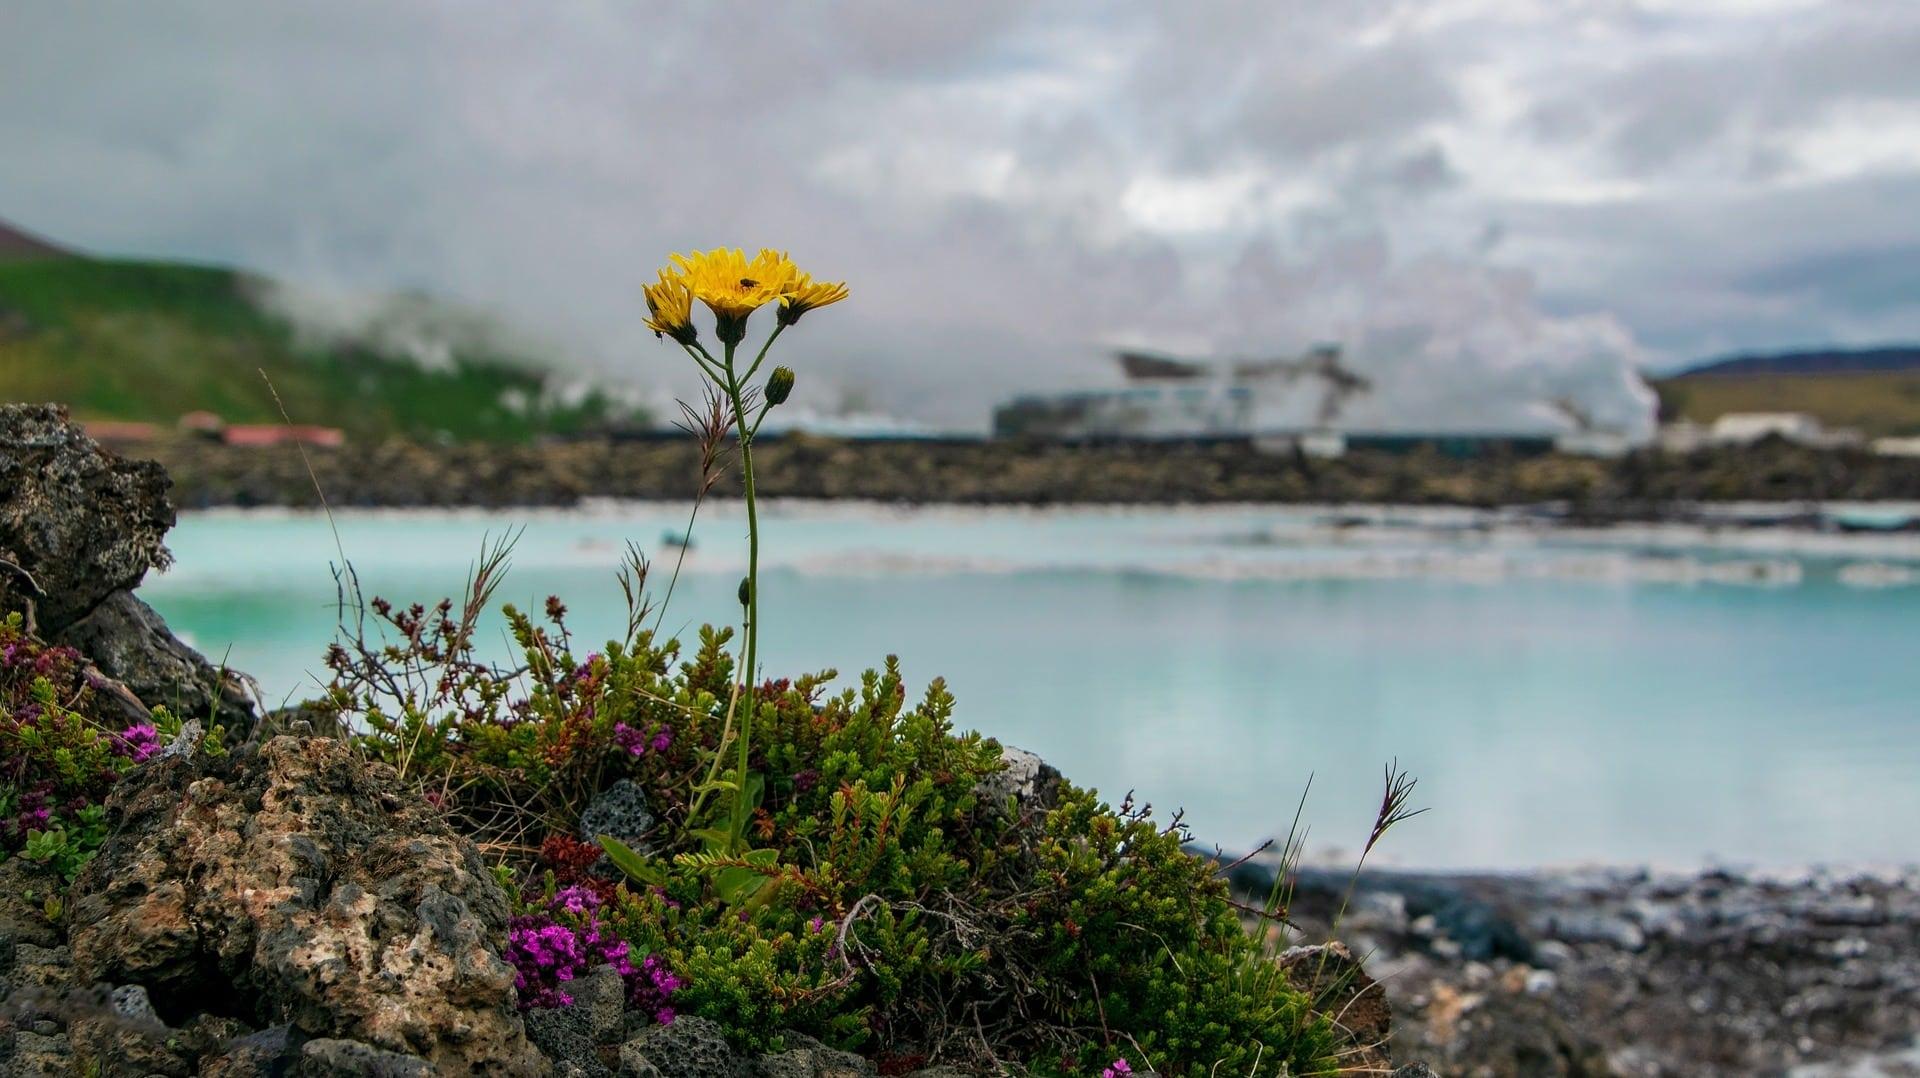 Blume vor blauer Lagune in Island: Die Lagune ist von Menschenhand gebaut.